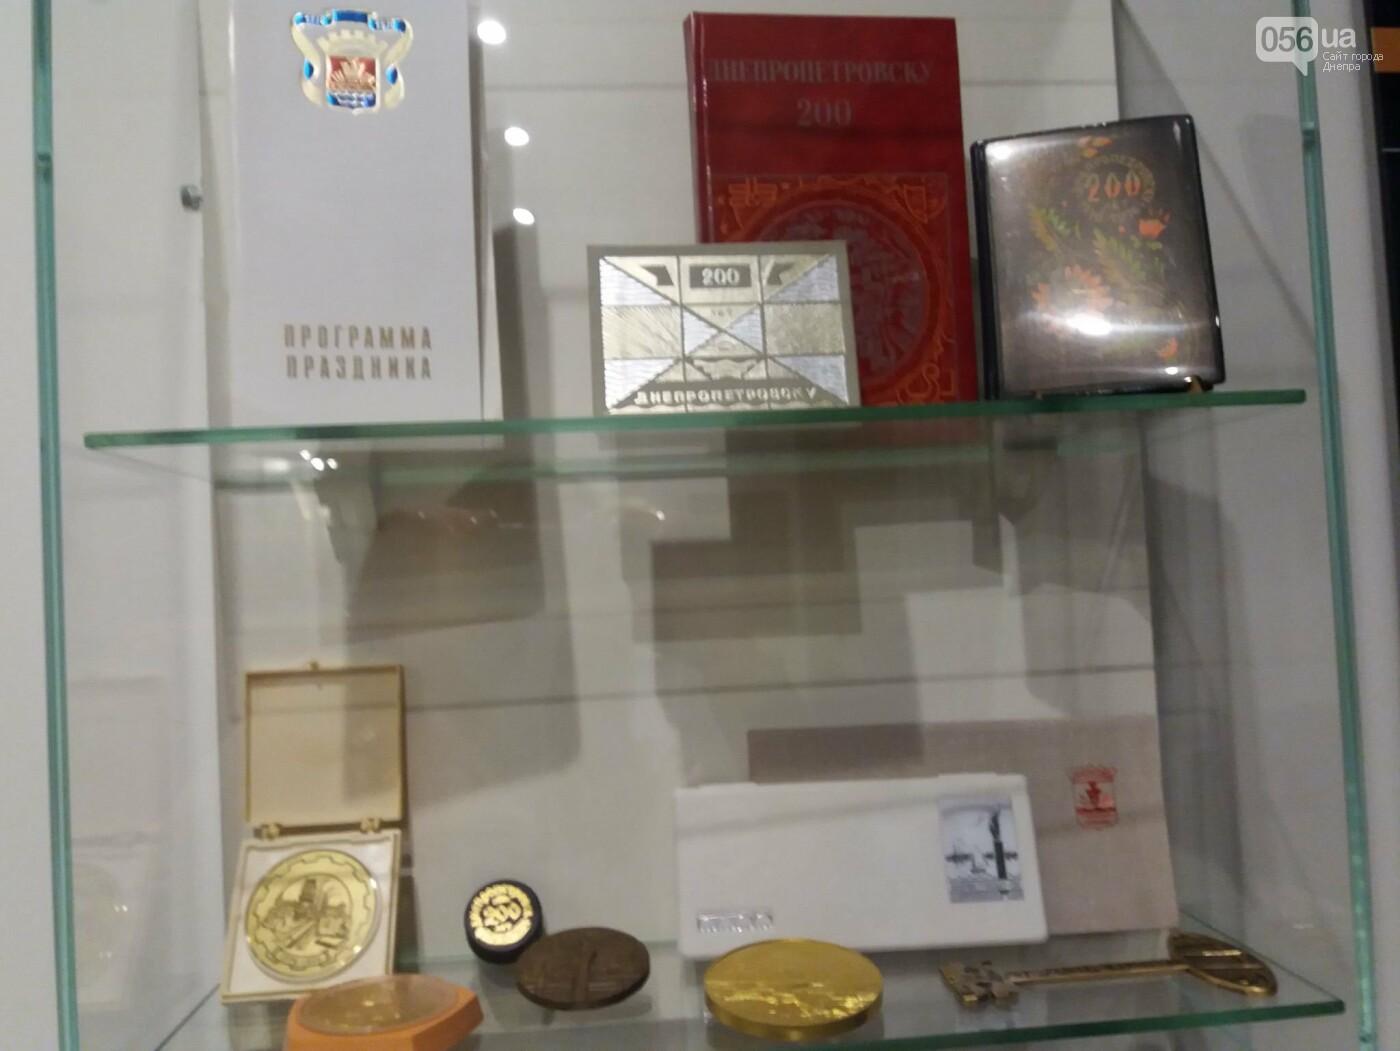 Стоимость экскурсии и входного билета в Музей истории Днепра, фото-9